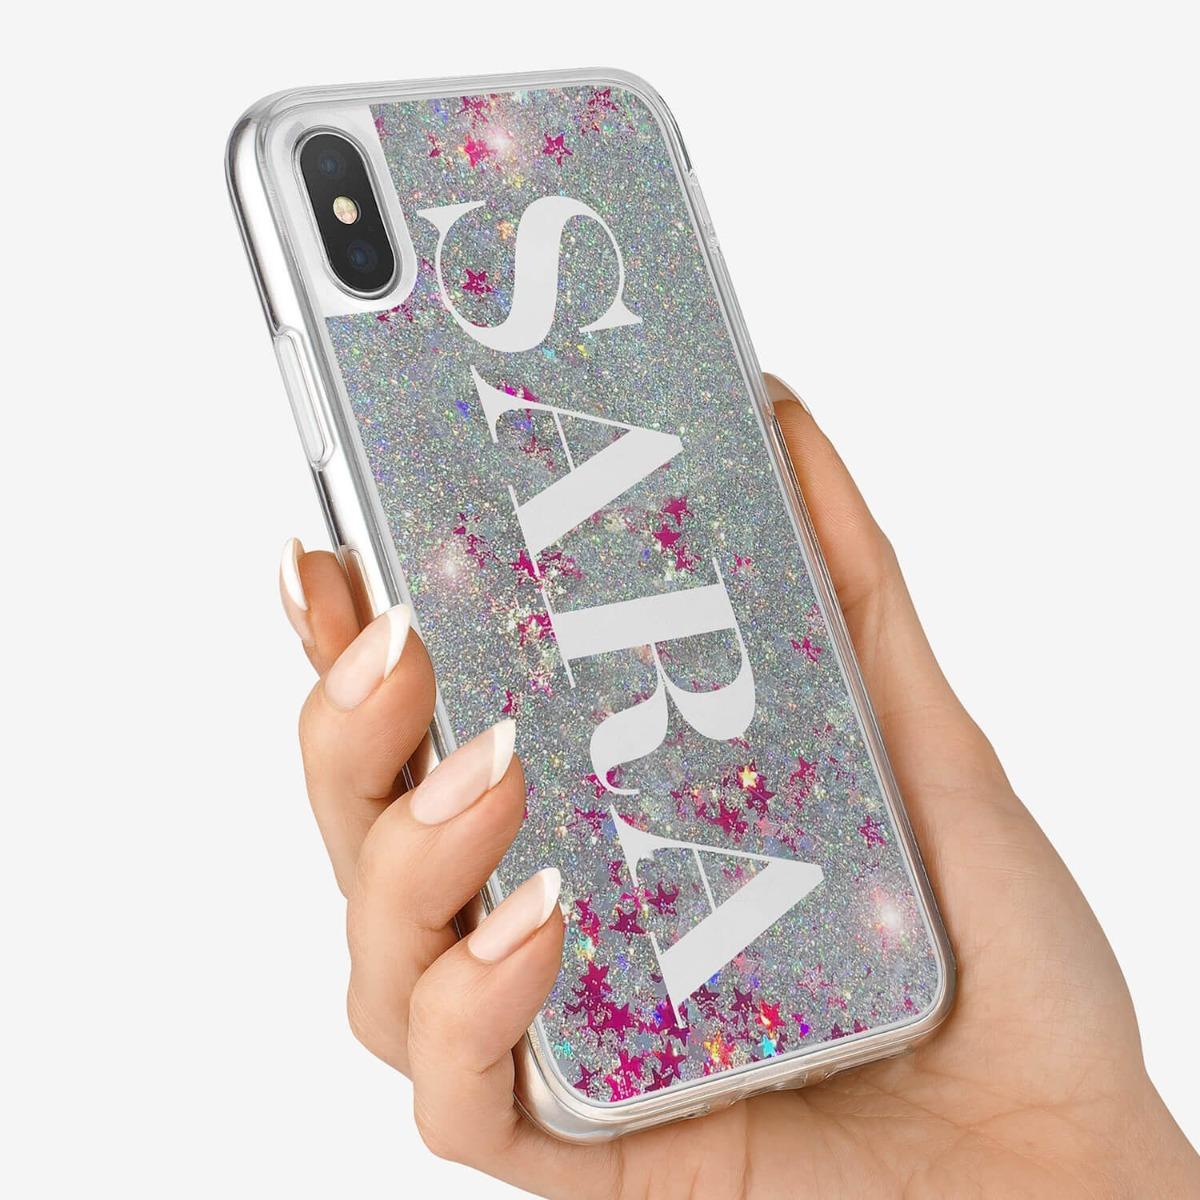 iPhone 7 Plus Glitter Case 16217